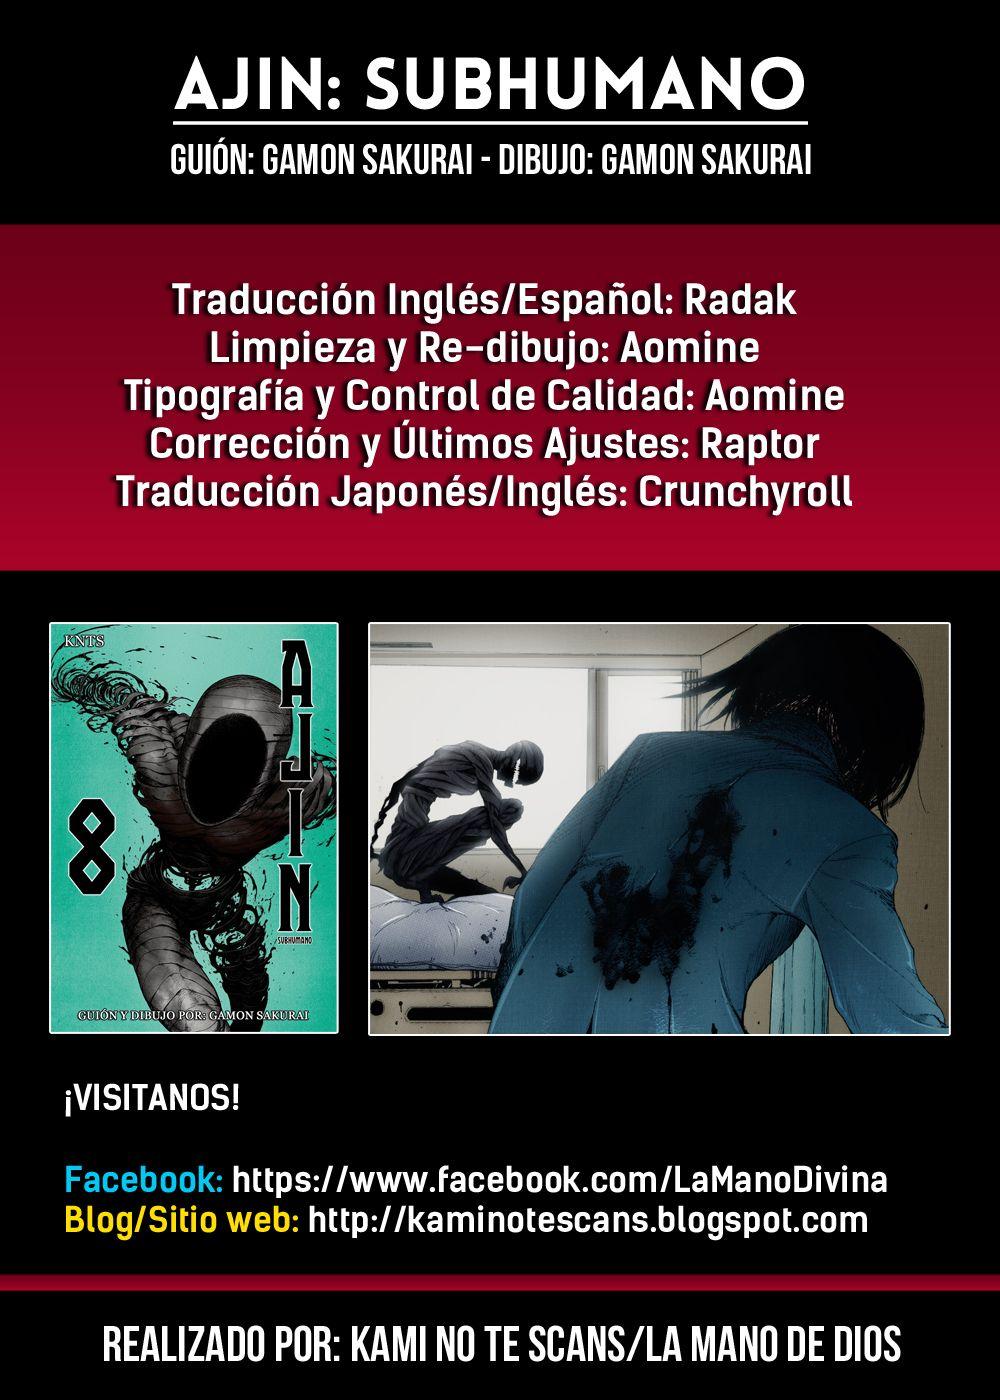 https://c5.ninemanga.com/es_manga/33/14177/483617/3dff232f506693720caae97d135faa54.jpg Page 1